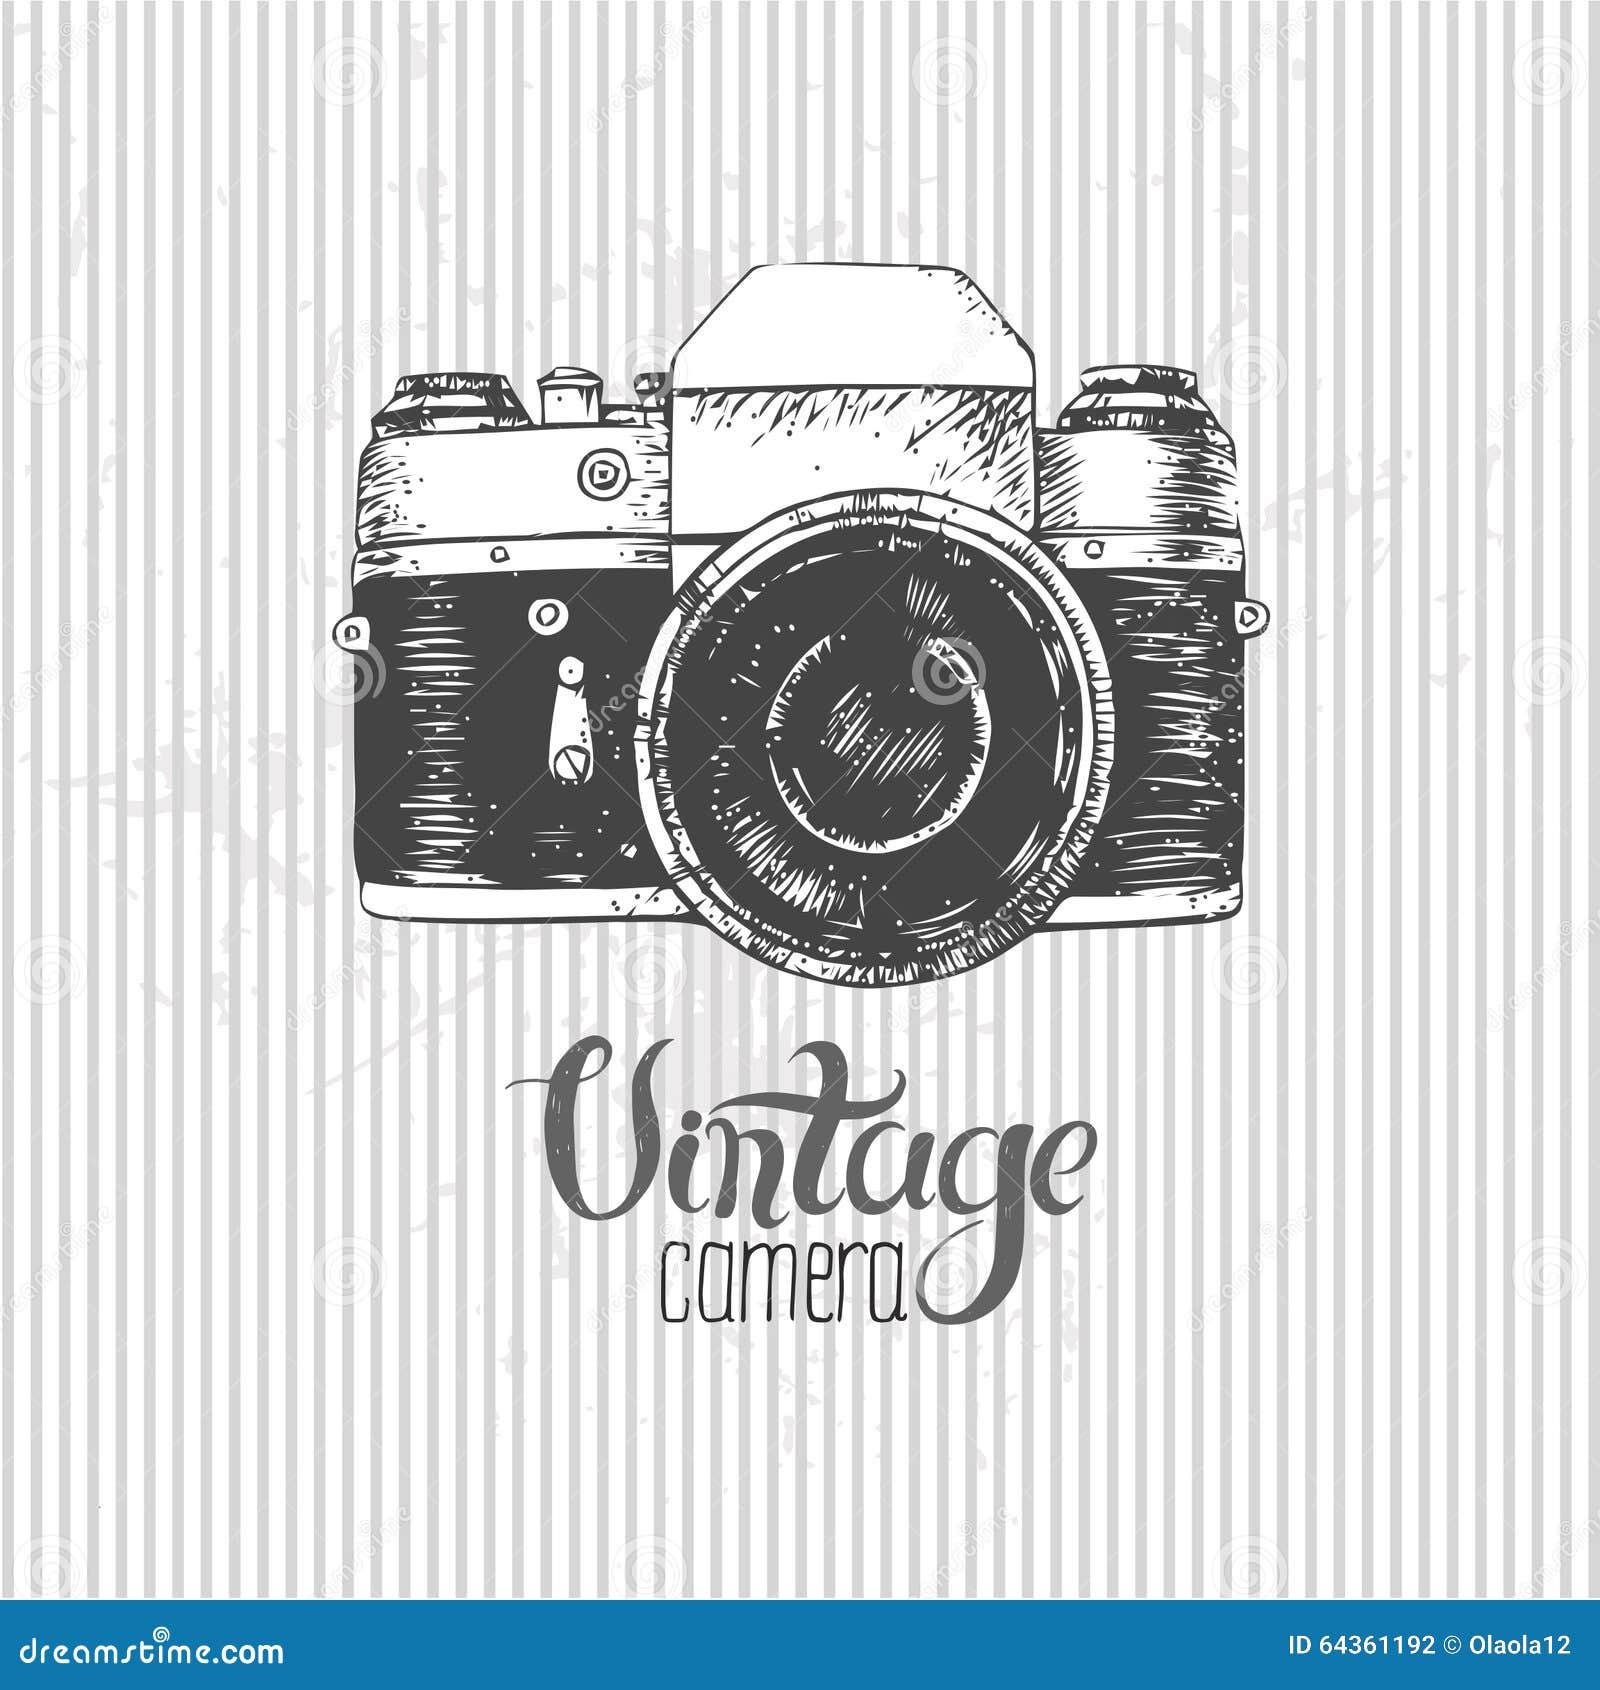 Vintage Camera Stock Vector - Image: 64361192